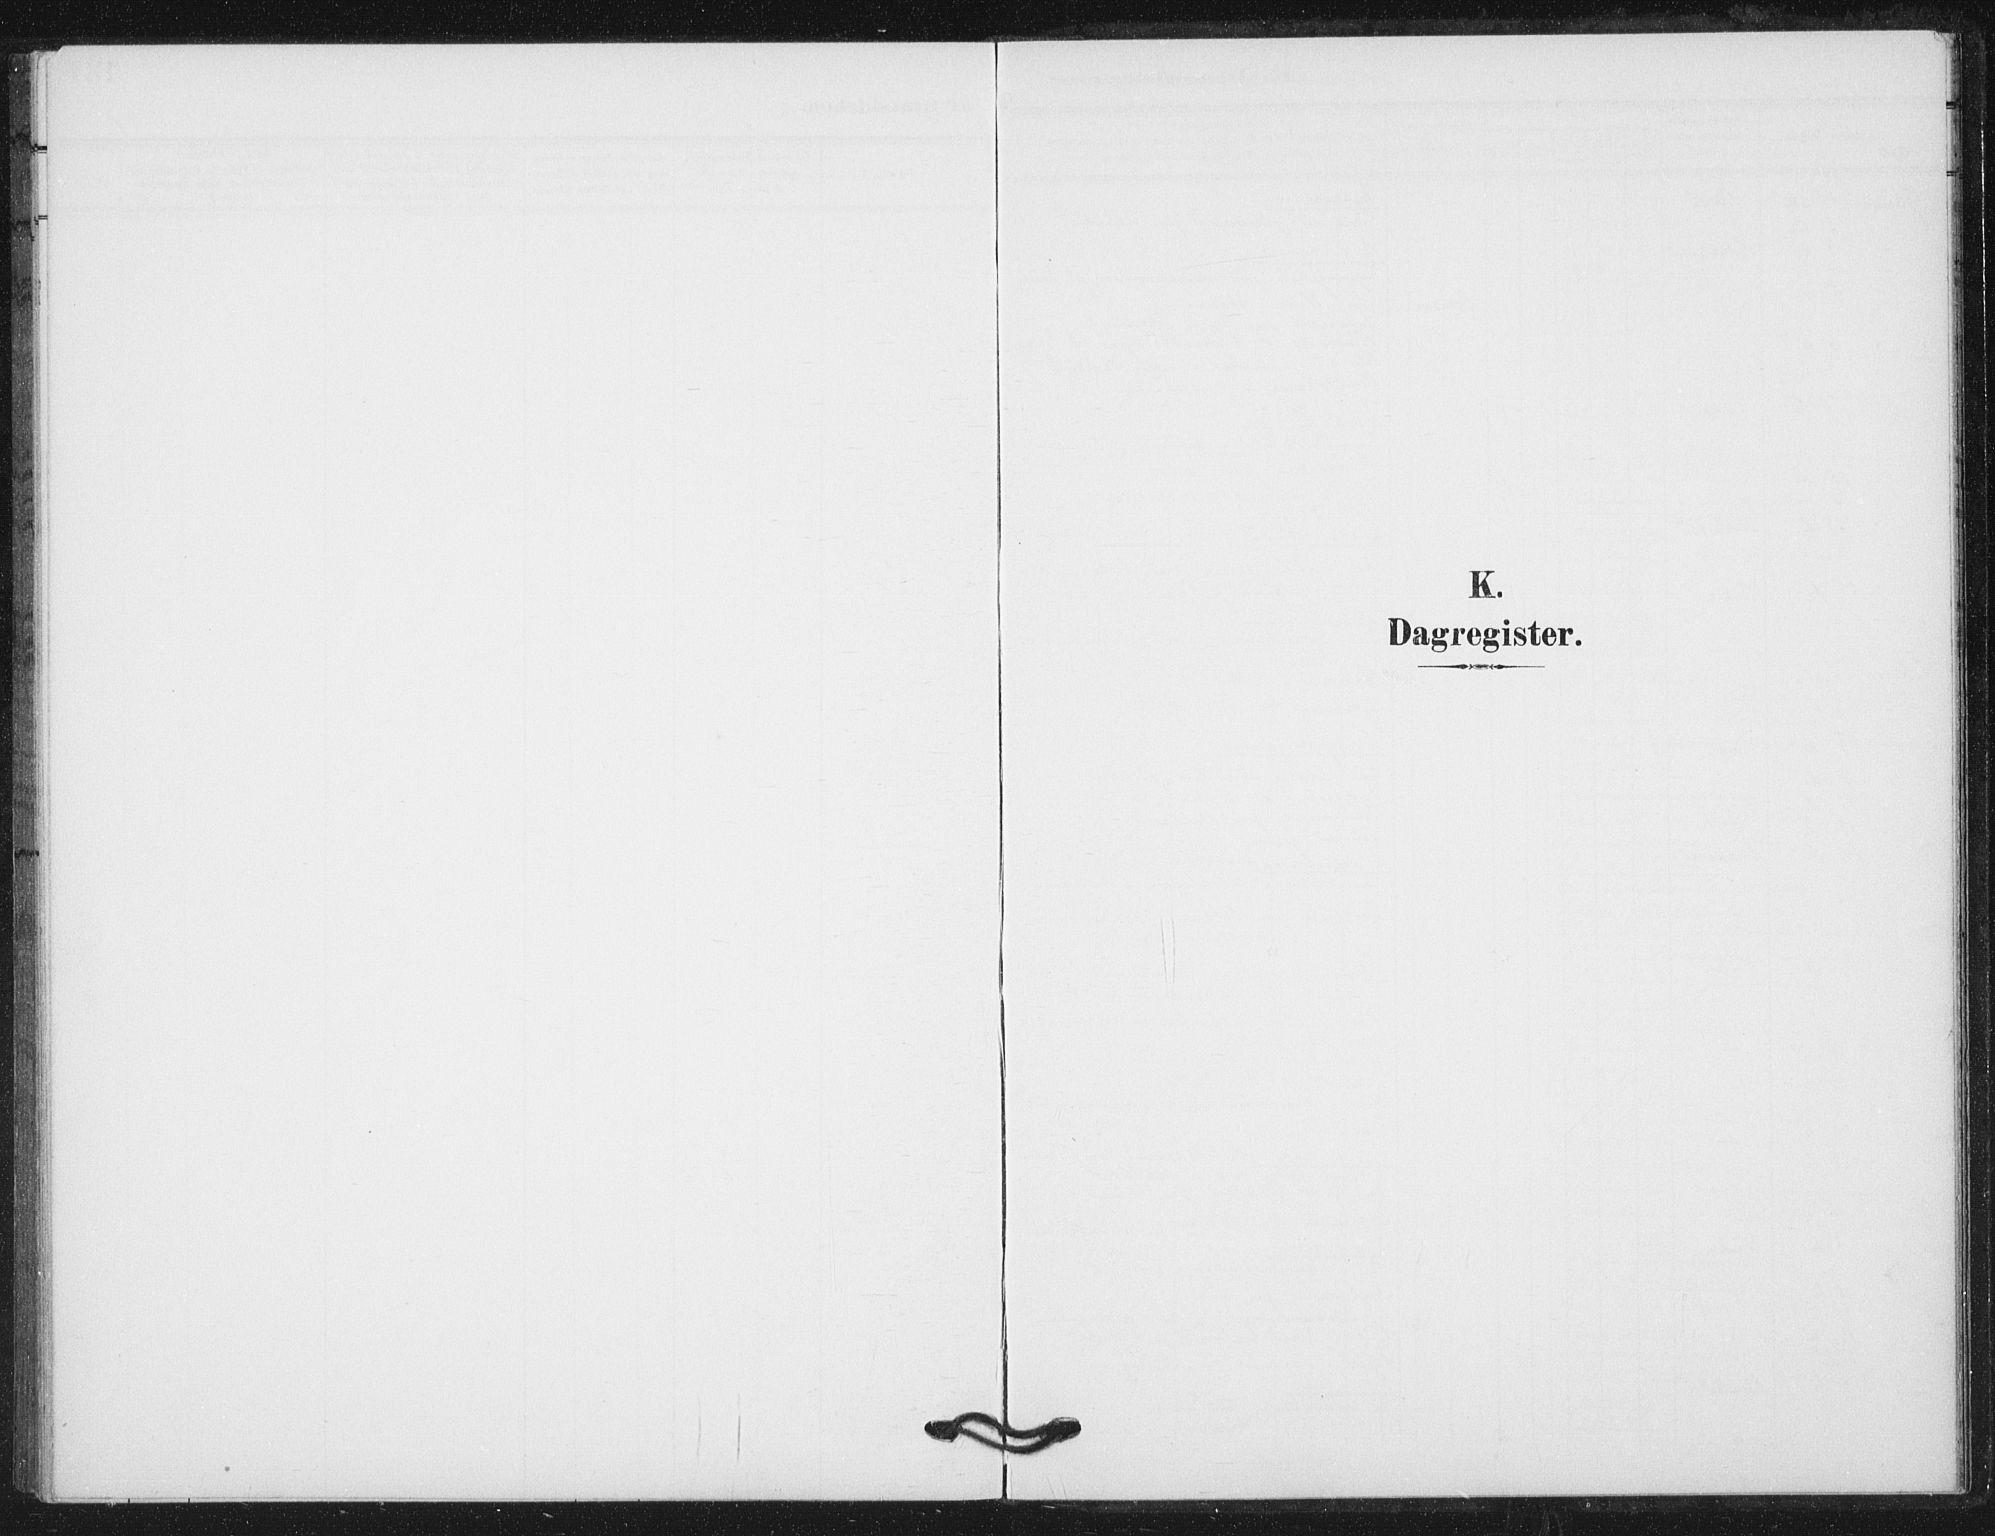 SAT, Ministerialprotokoller, klokkerbøker og fødselsregistre - Nord-Trøndelag, 724/L0264: Ministerialbok nr. 724A02, 1908-1915, s. 136